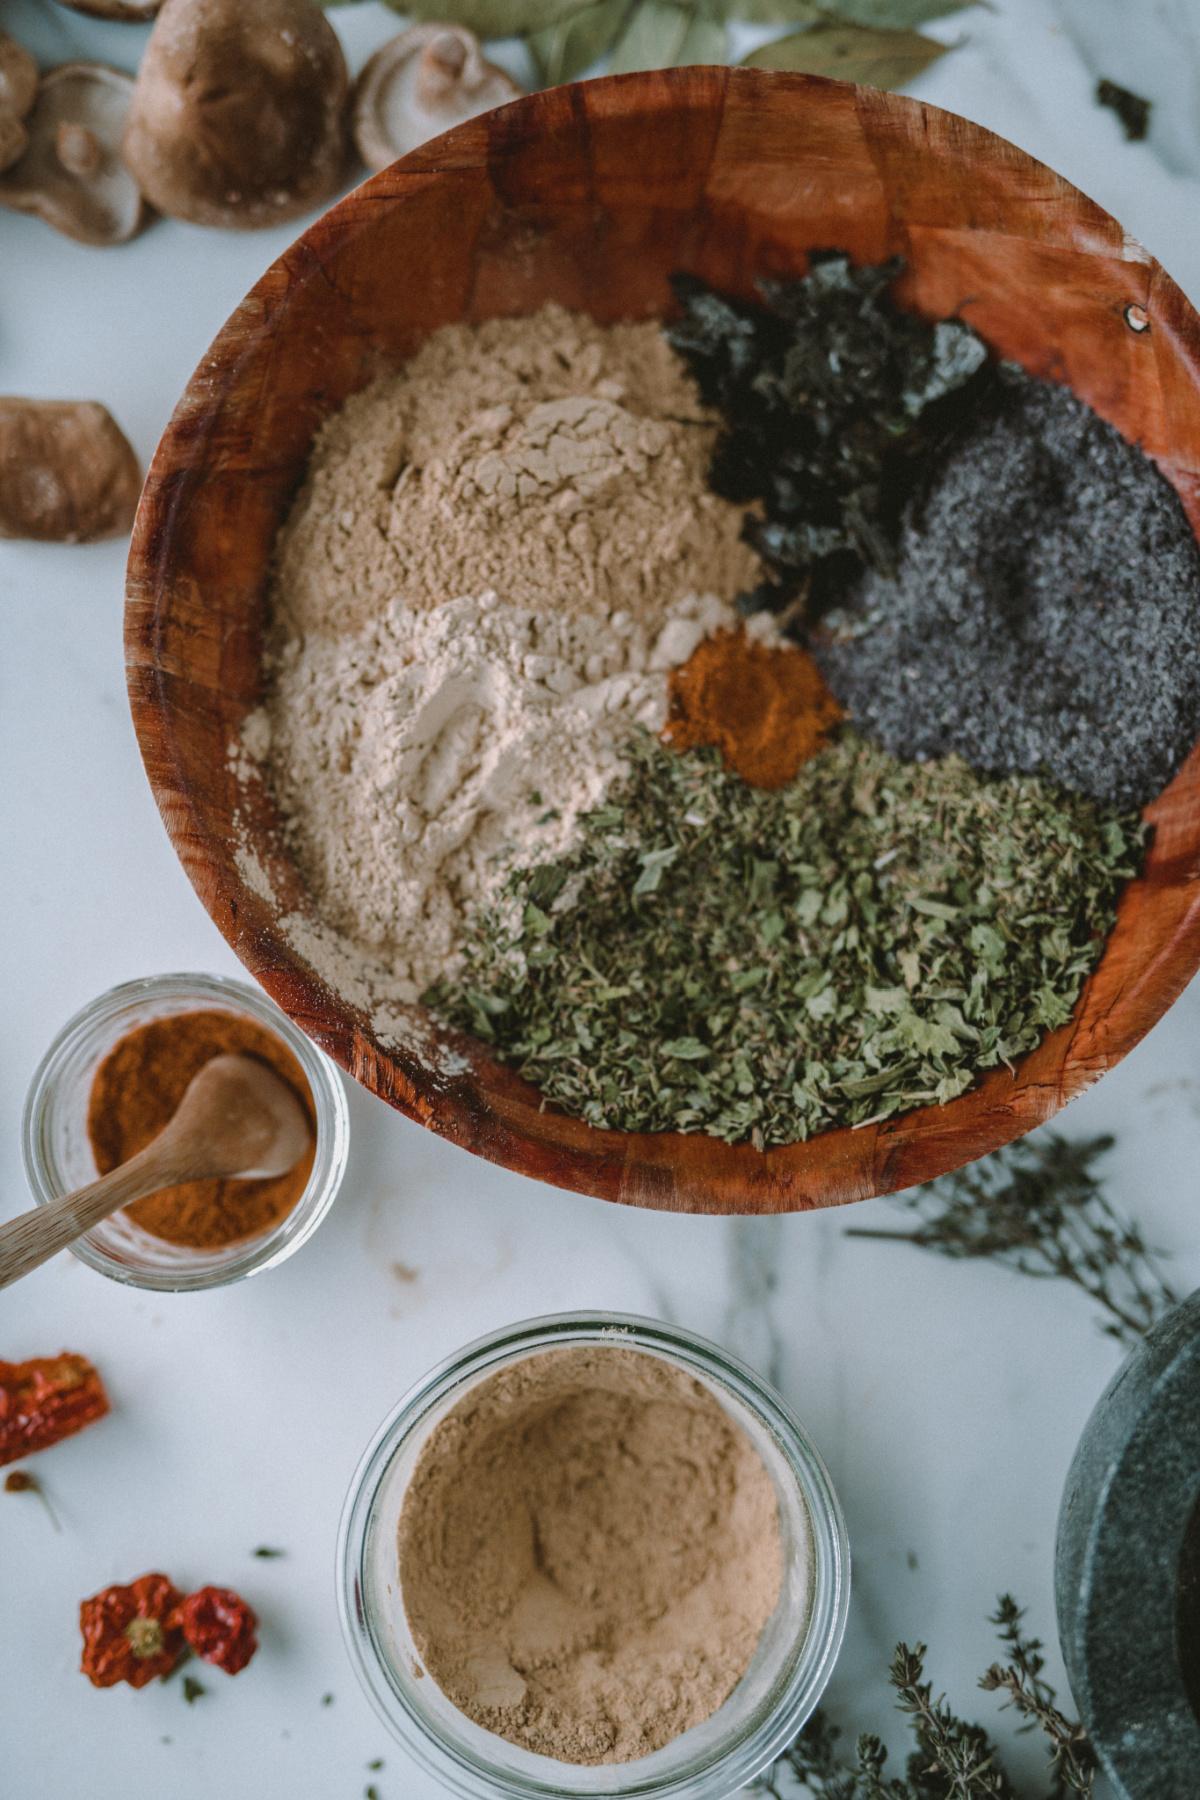 mezcla de condimentos para sopa de hierbas en un tazón de madera